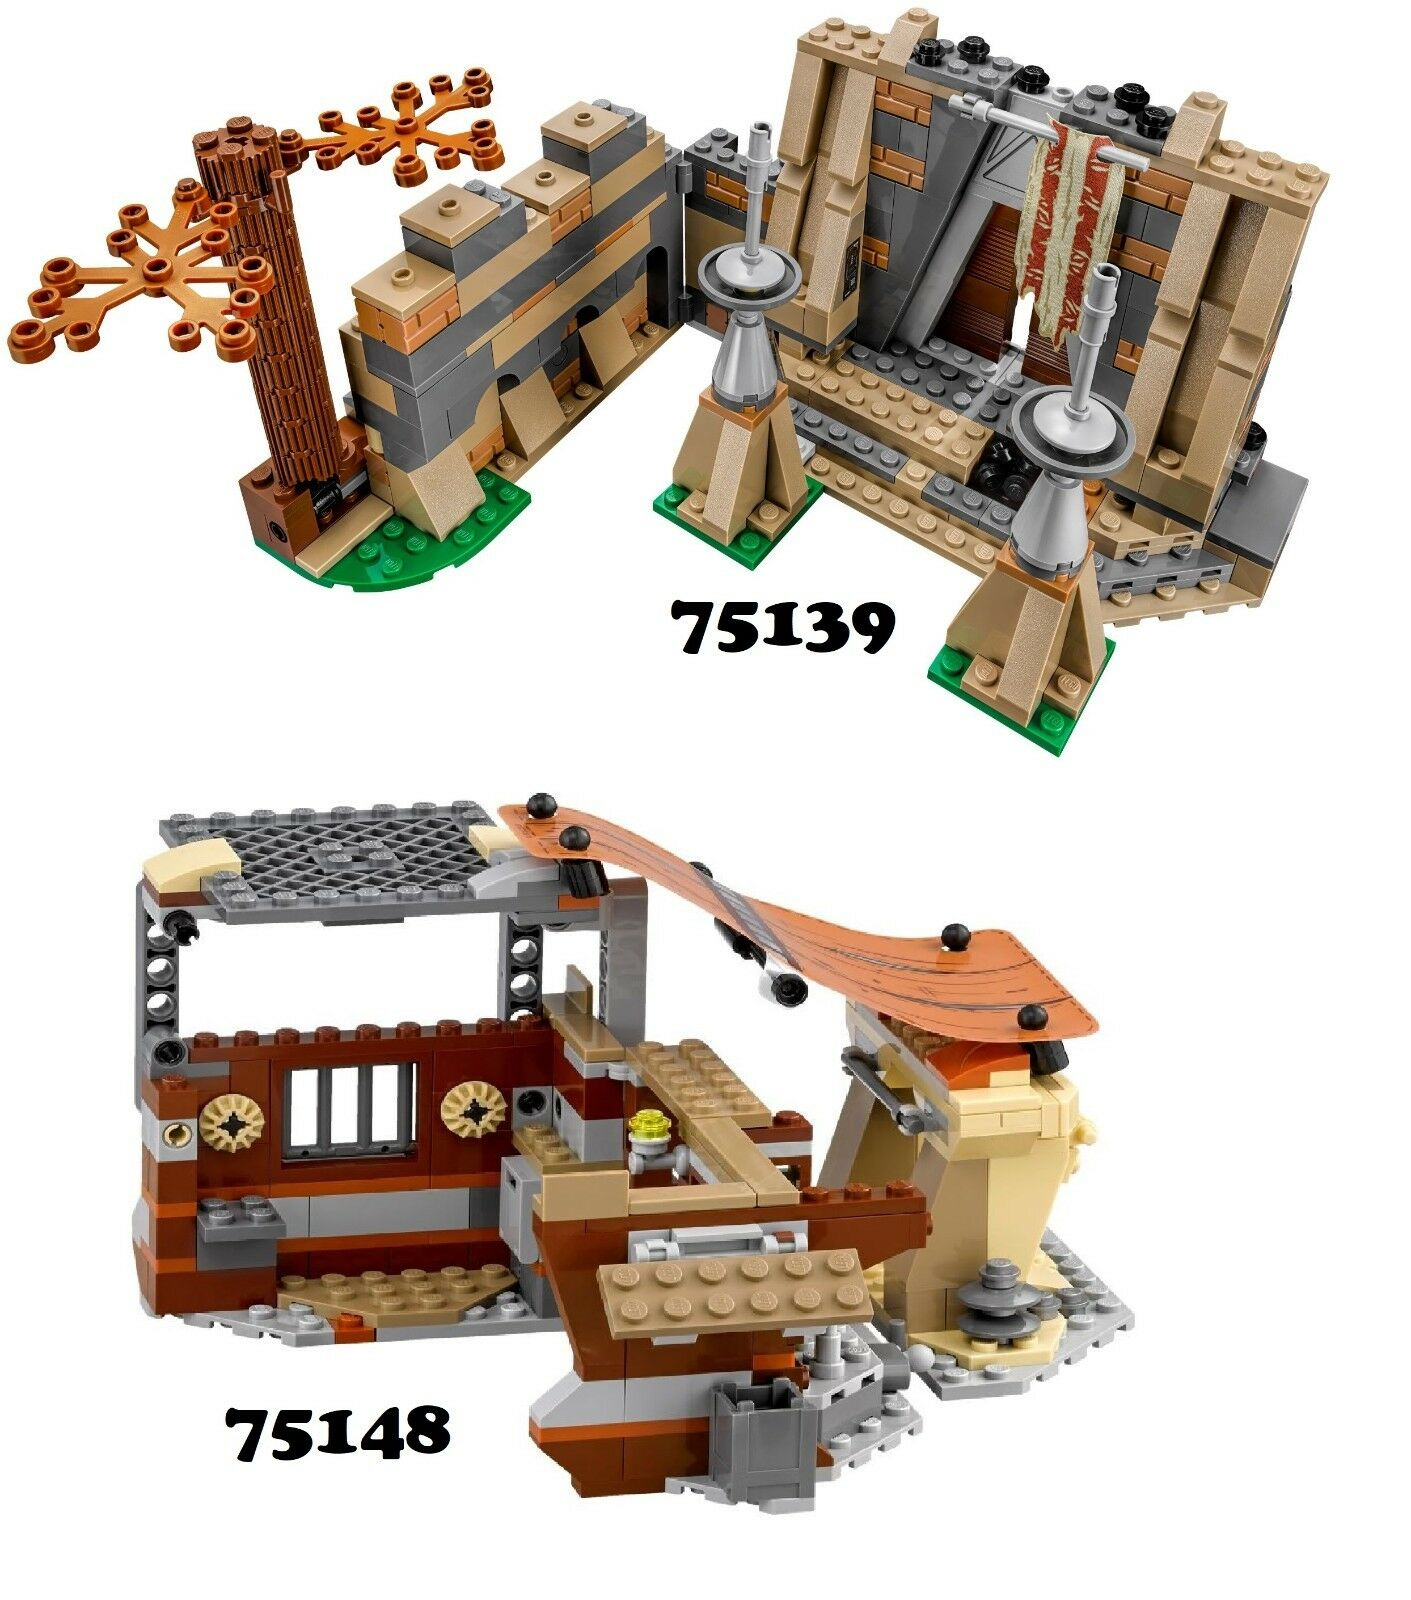 NUOVO  LEGO estrella guerras 75139  & 75148 Combo Set  NO Minicifras  per il commercio all'ingrosso